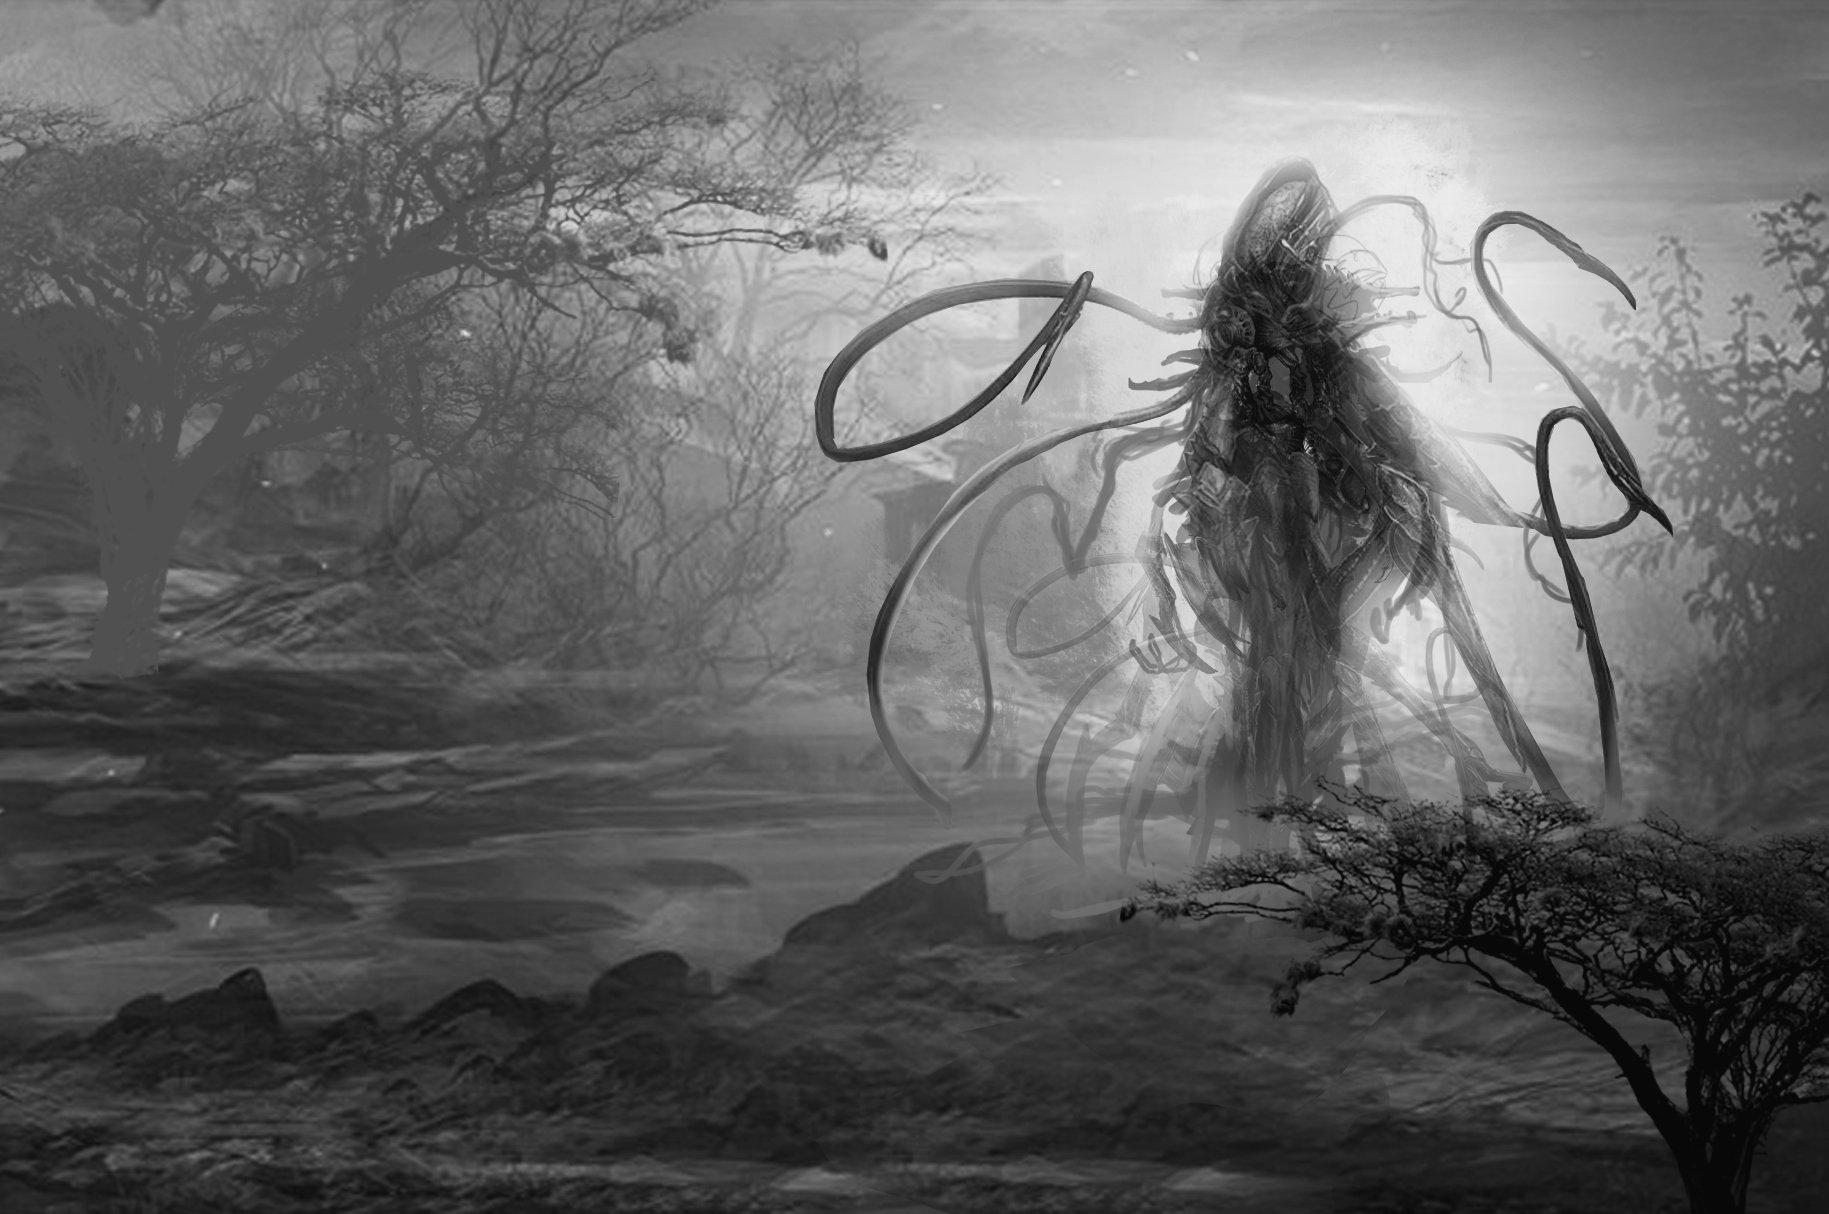 Hntrung tentacles